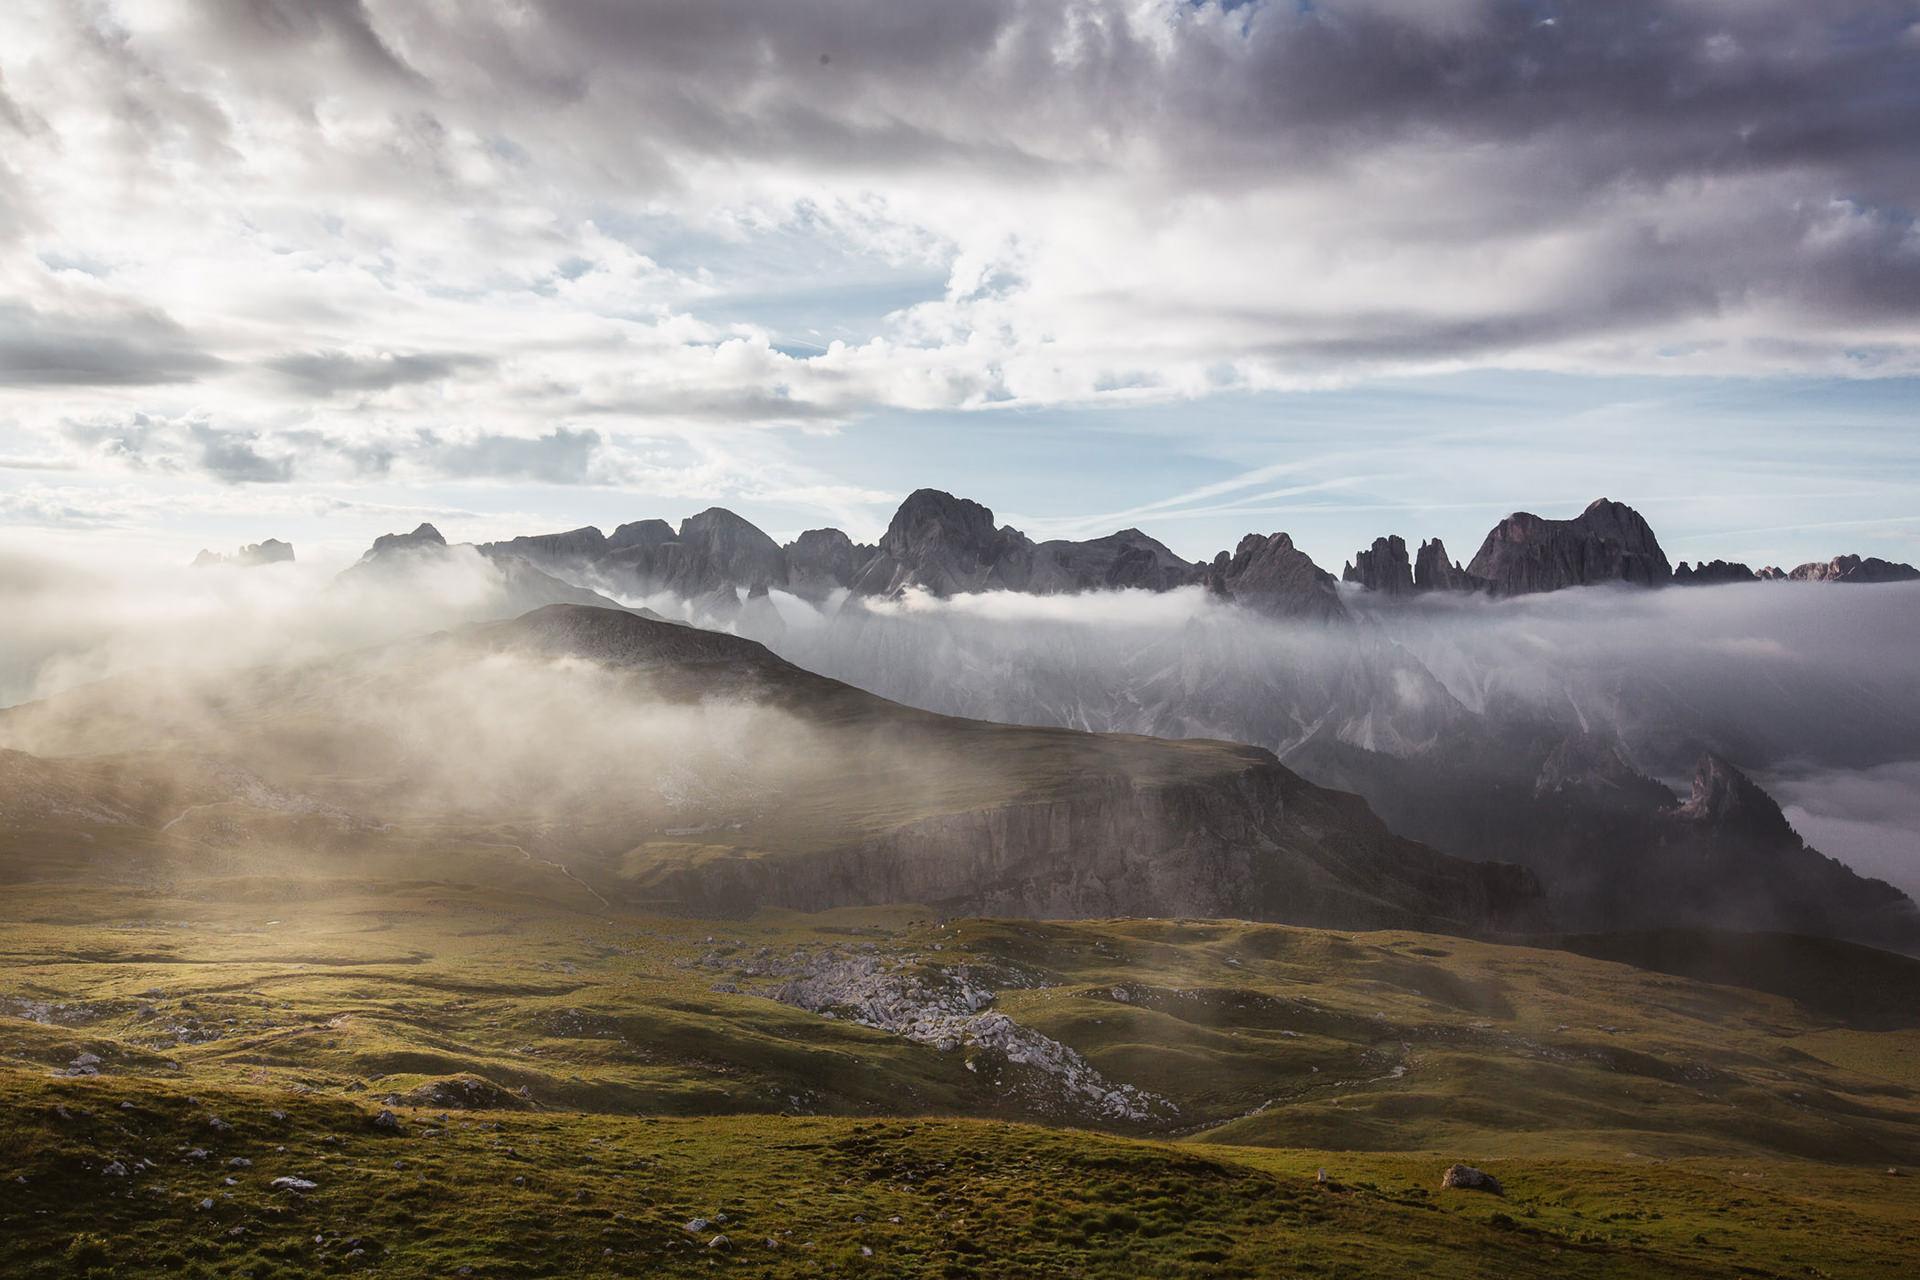 berge-panorama-sonne-wolken-stimmung